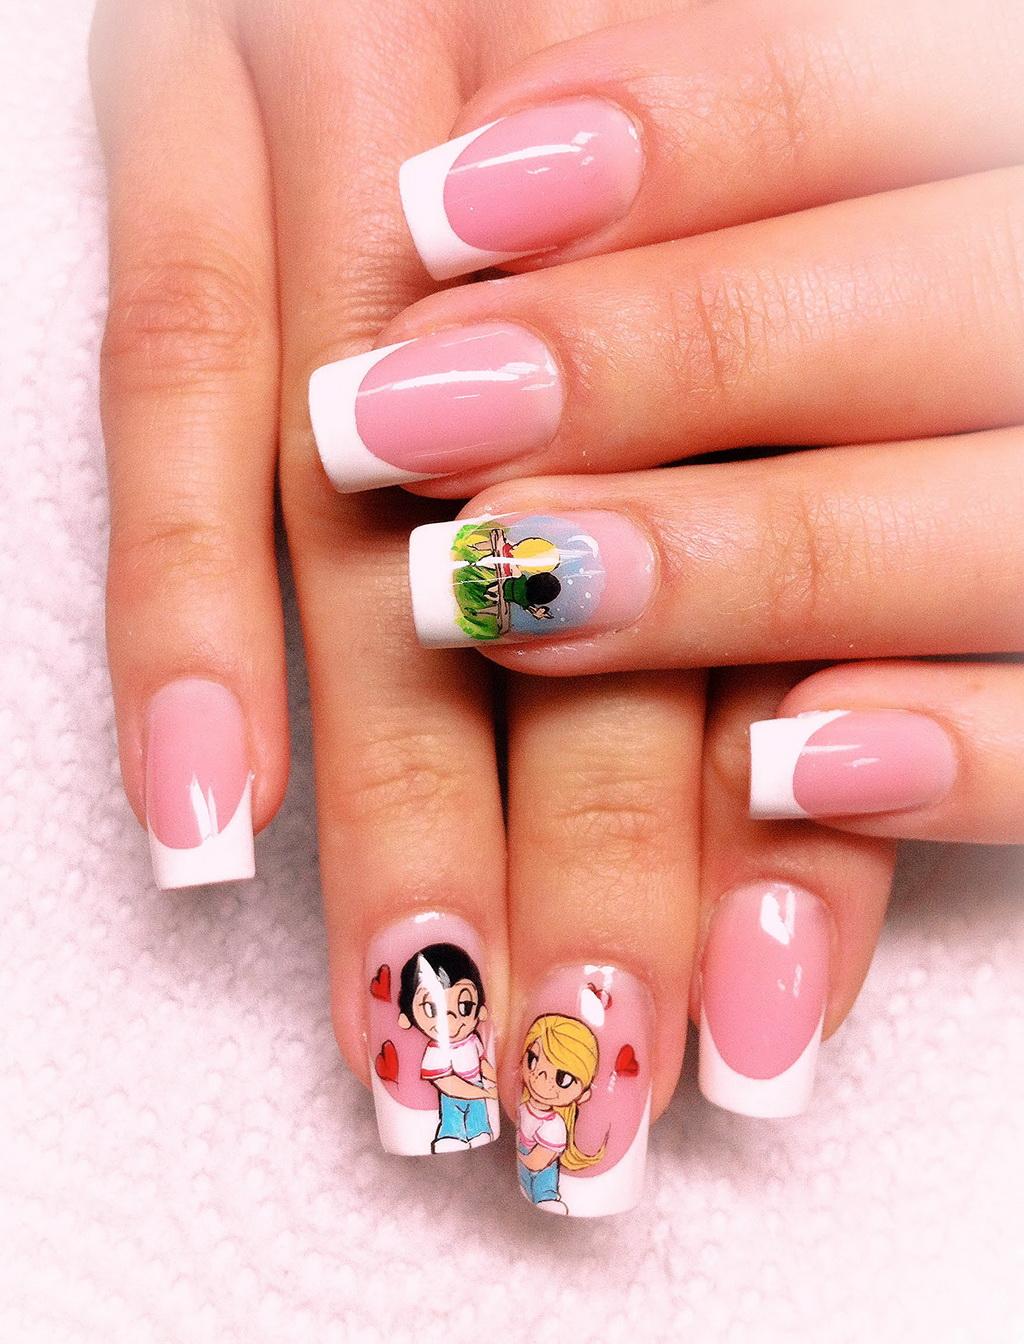 Ногти Светлые Тона С Рисунком